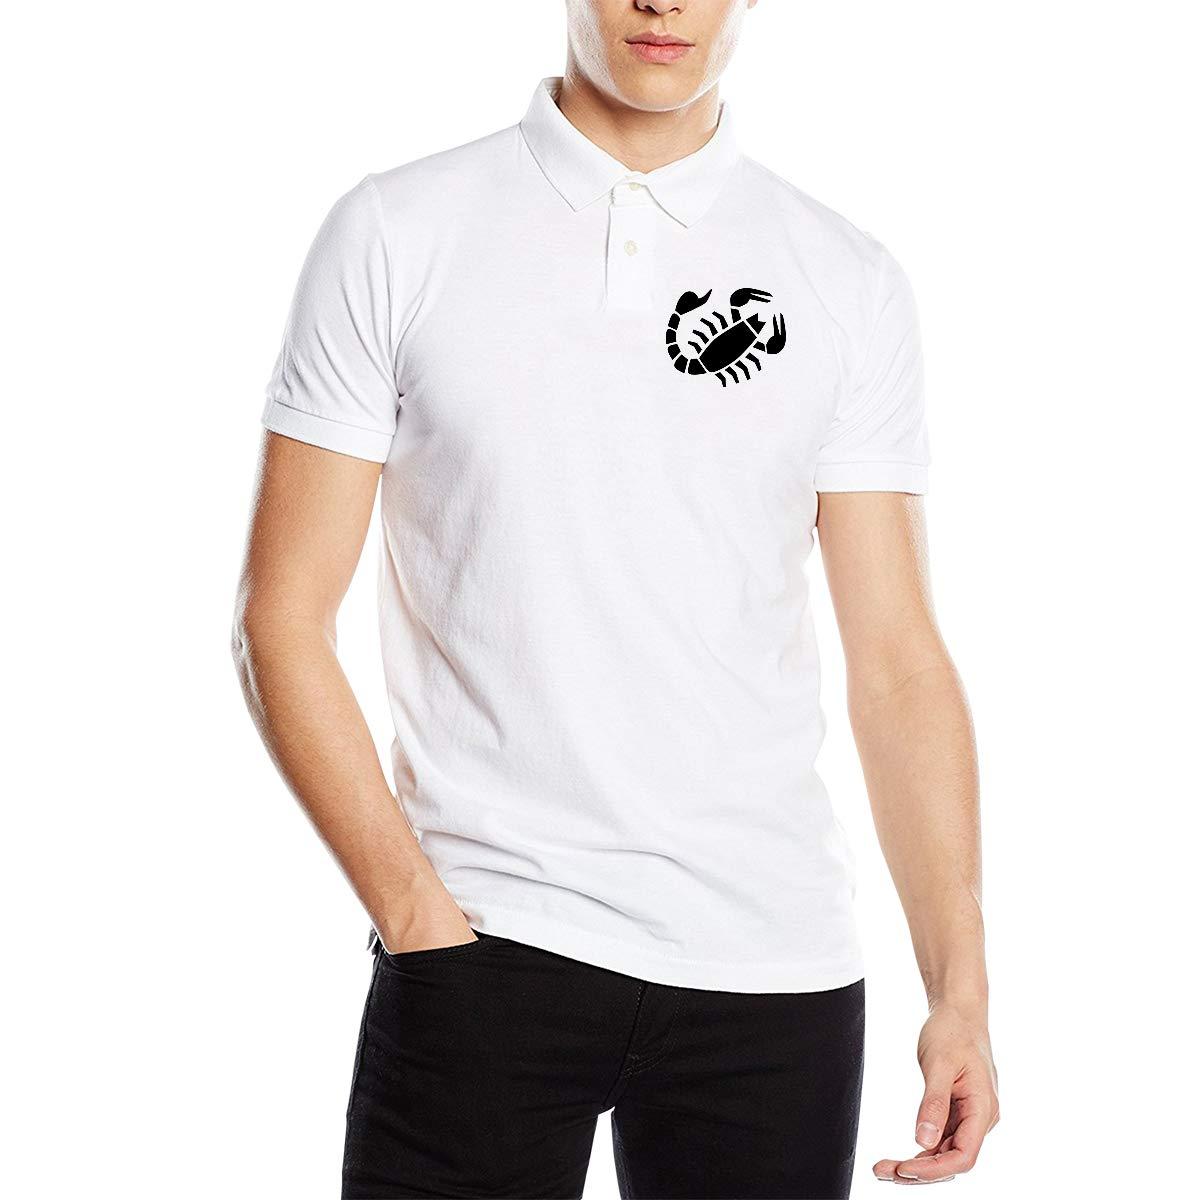 DAD97KHG Scorpio Mens Short Sleeves Polo Tee Shirt